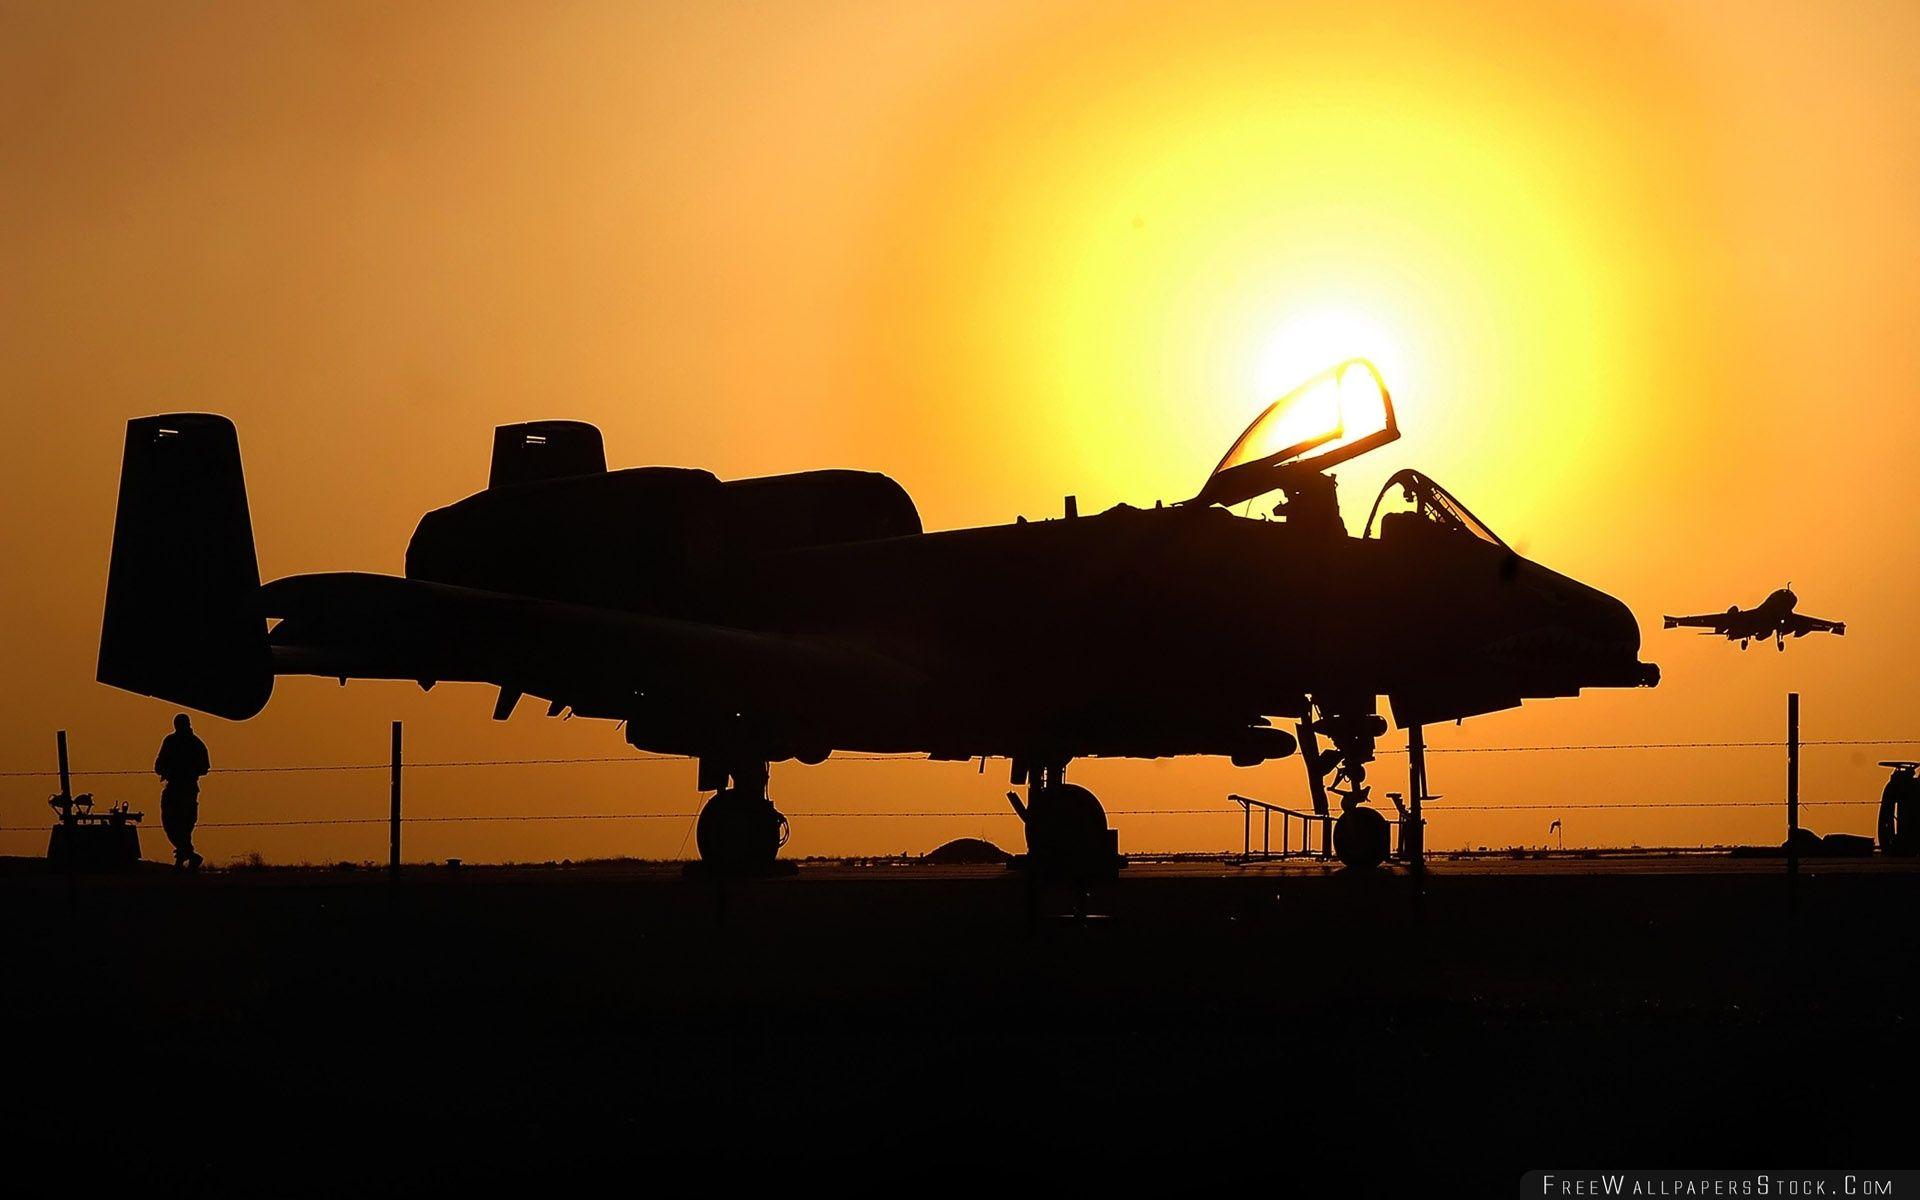 Download Free Wallpaper War Airplane